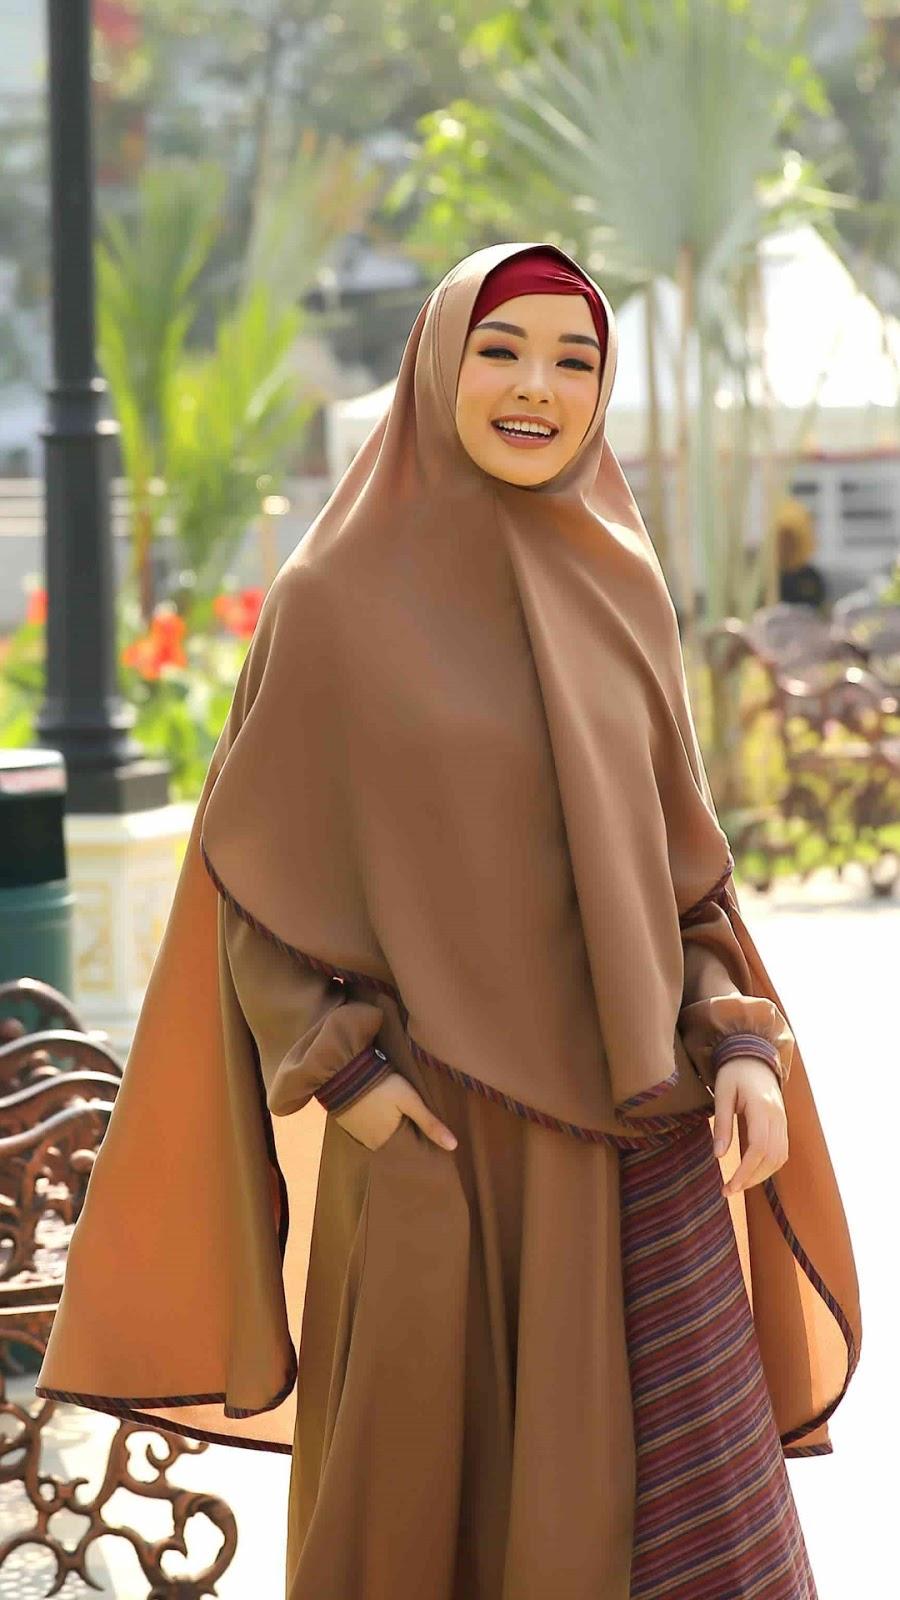 wallpaper muslimah cantik hijab amoy cantik dan manis Muallaf